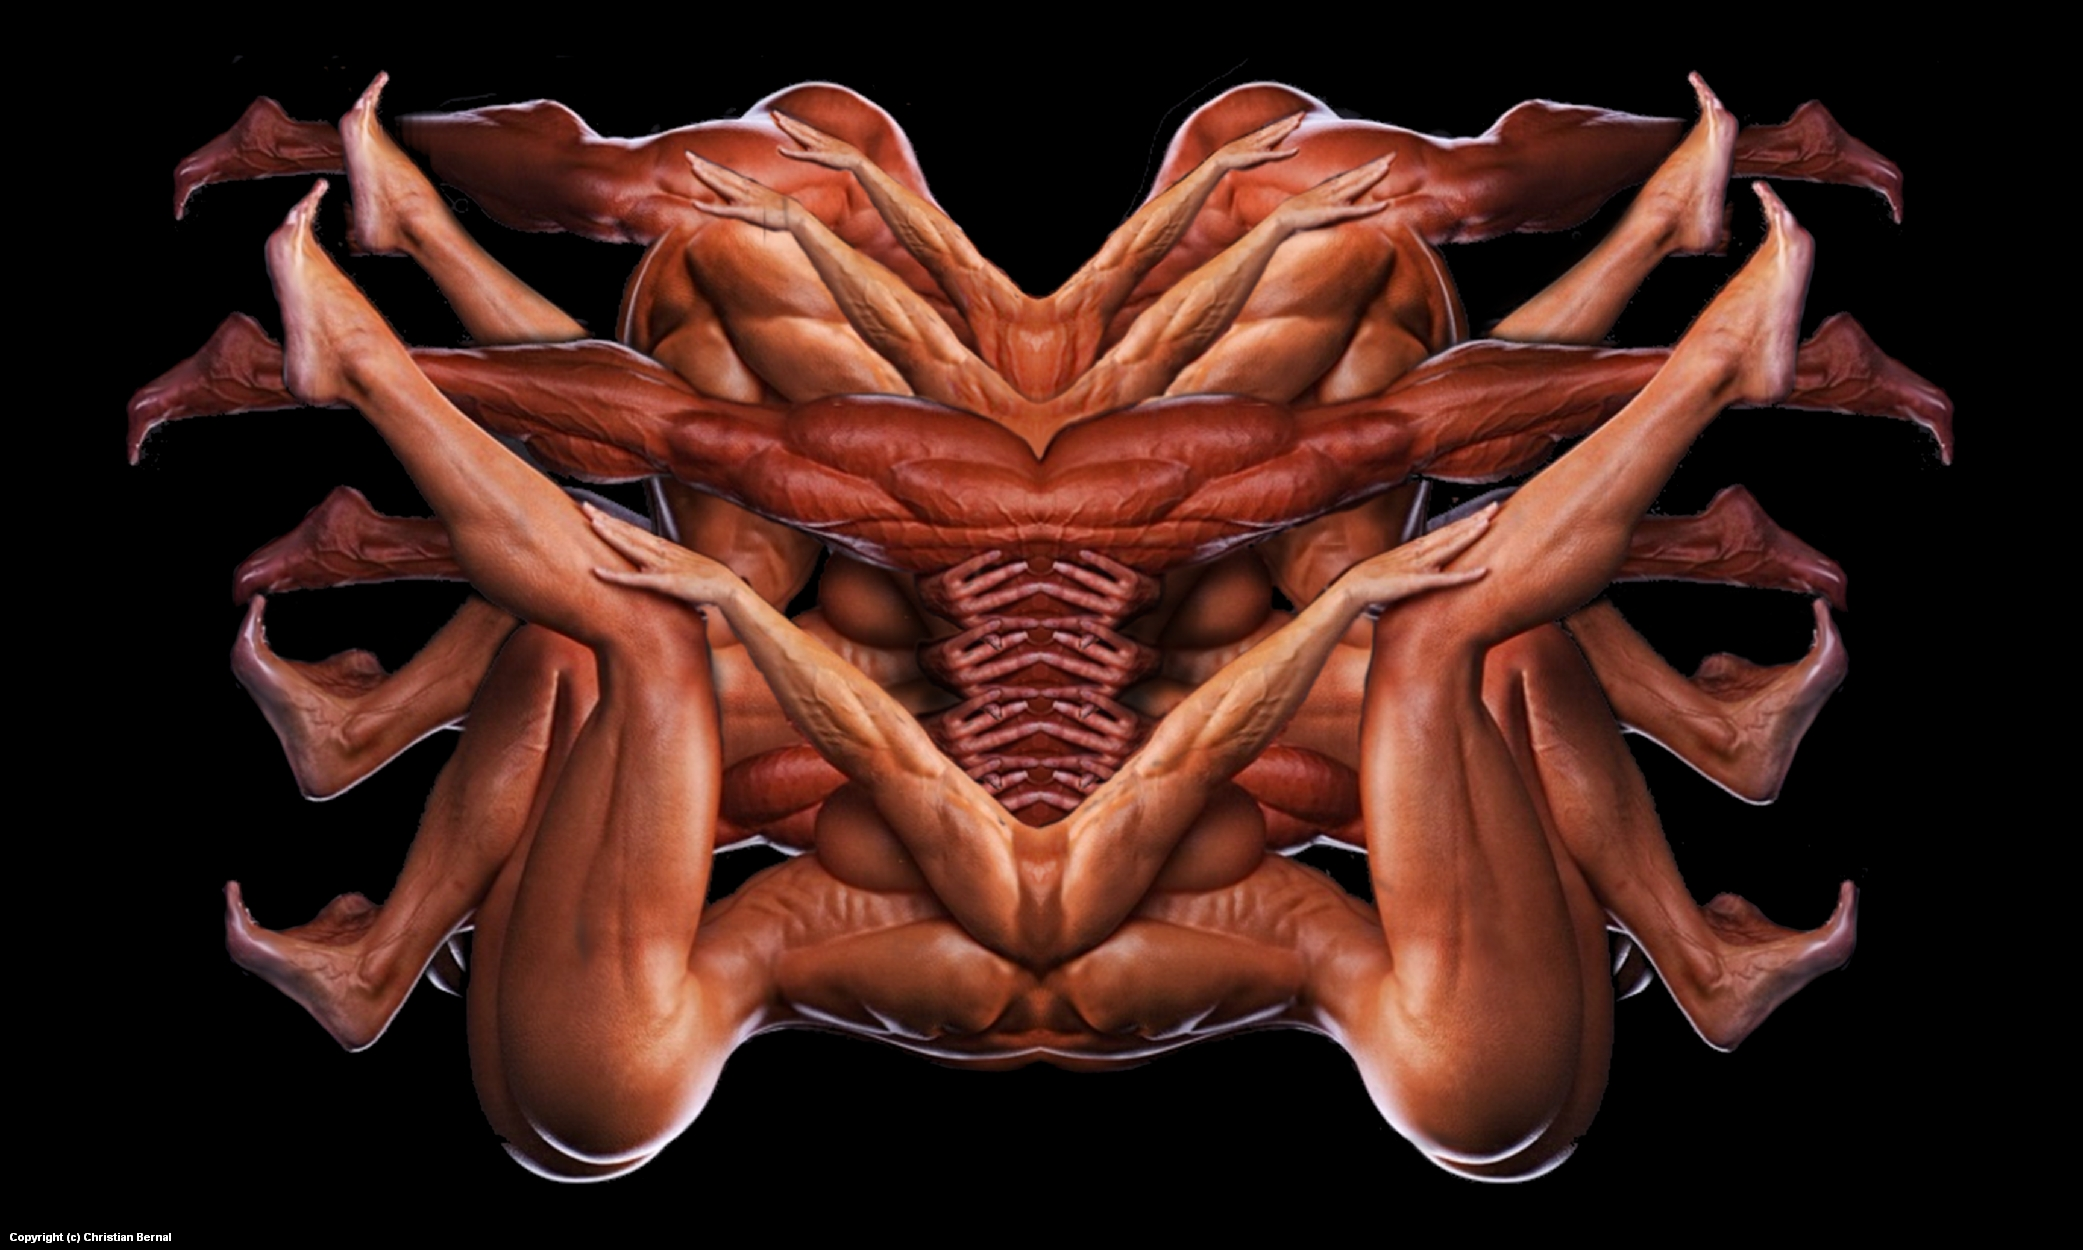 Herculean Complex Artwork by Christian Bernal